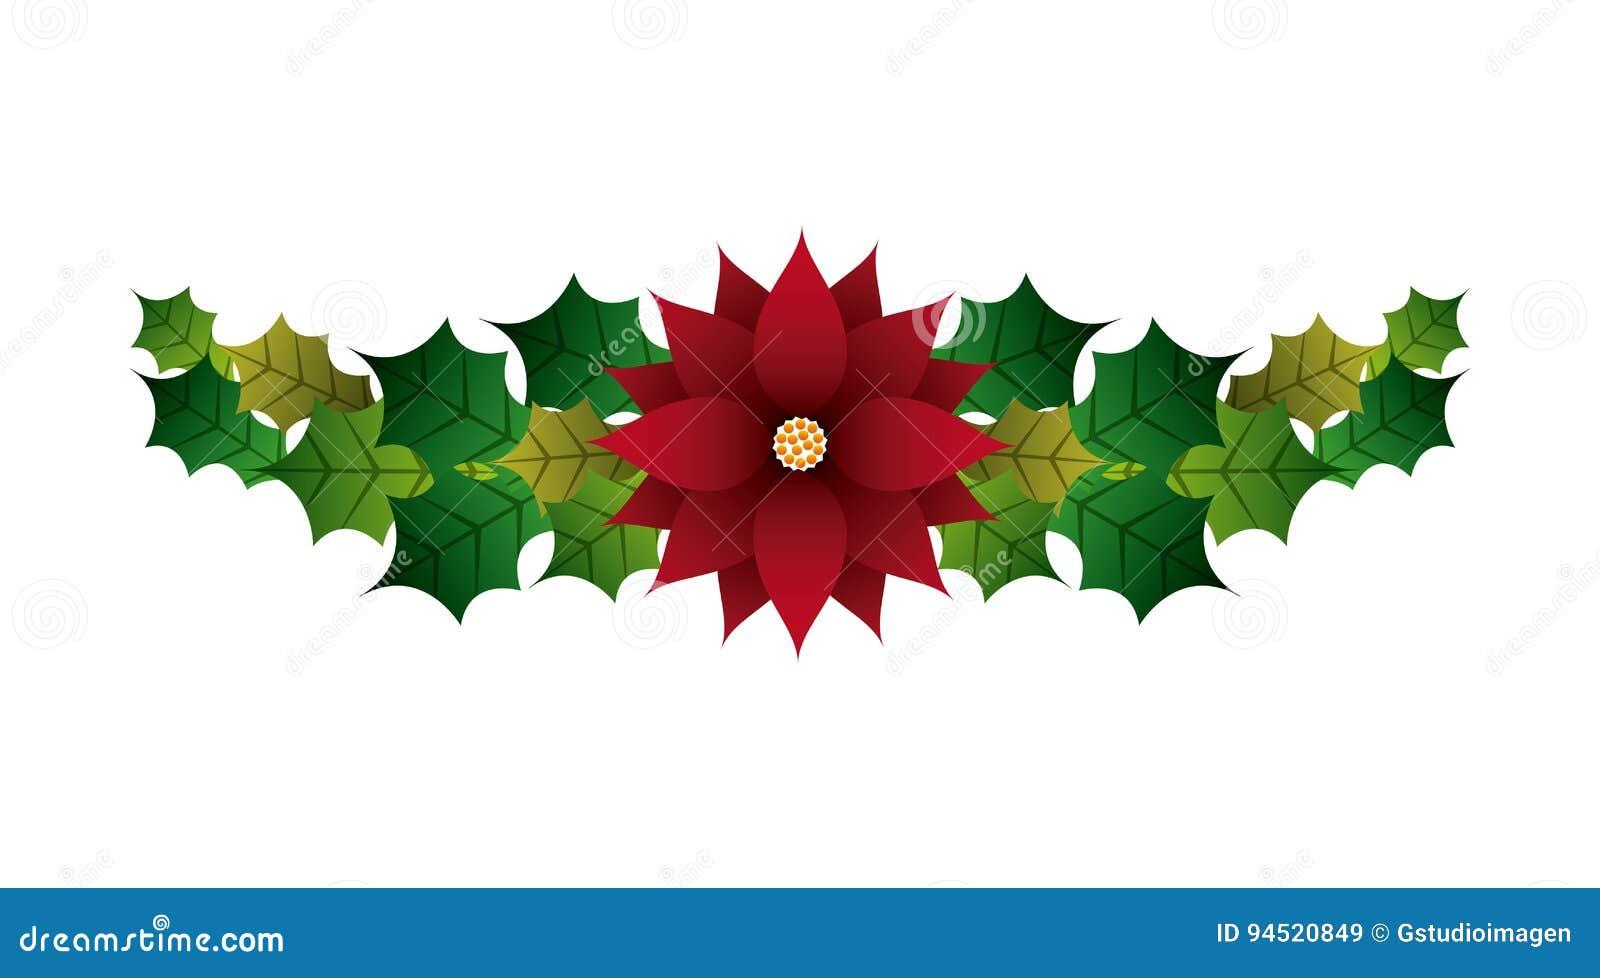 Image Fleur Noel.Feuilles Et Icone De Fleur Conception De Joyeux Noel Dessin